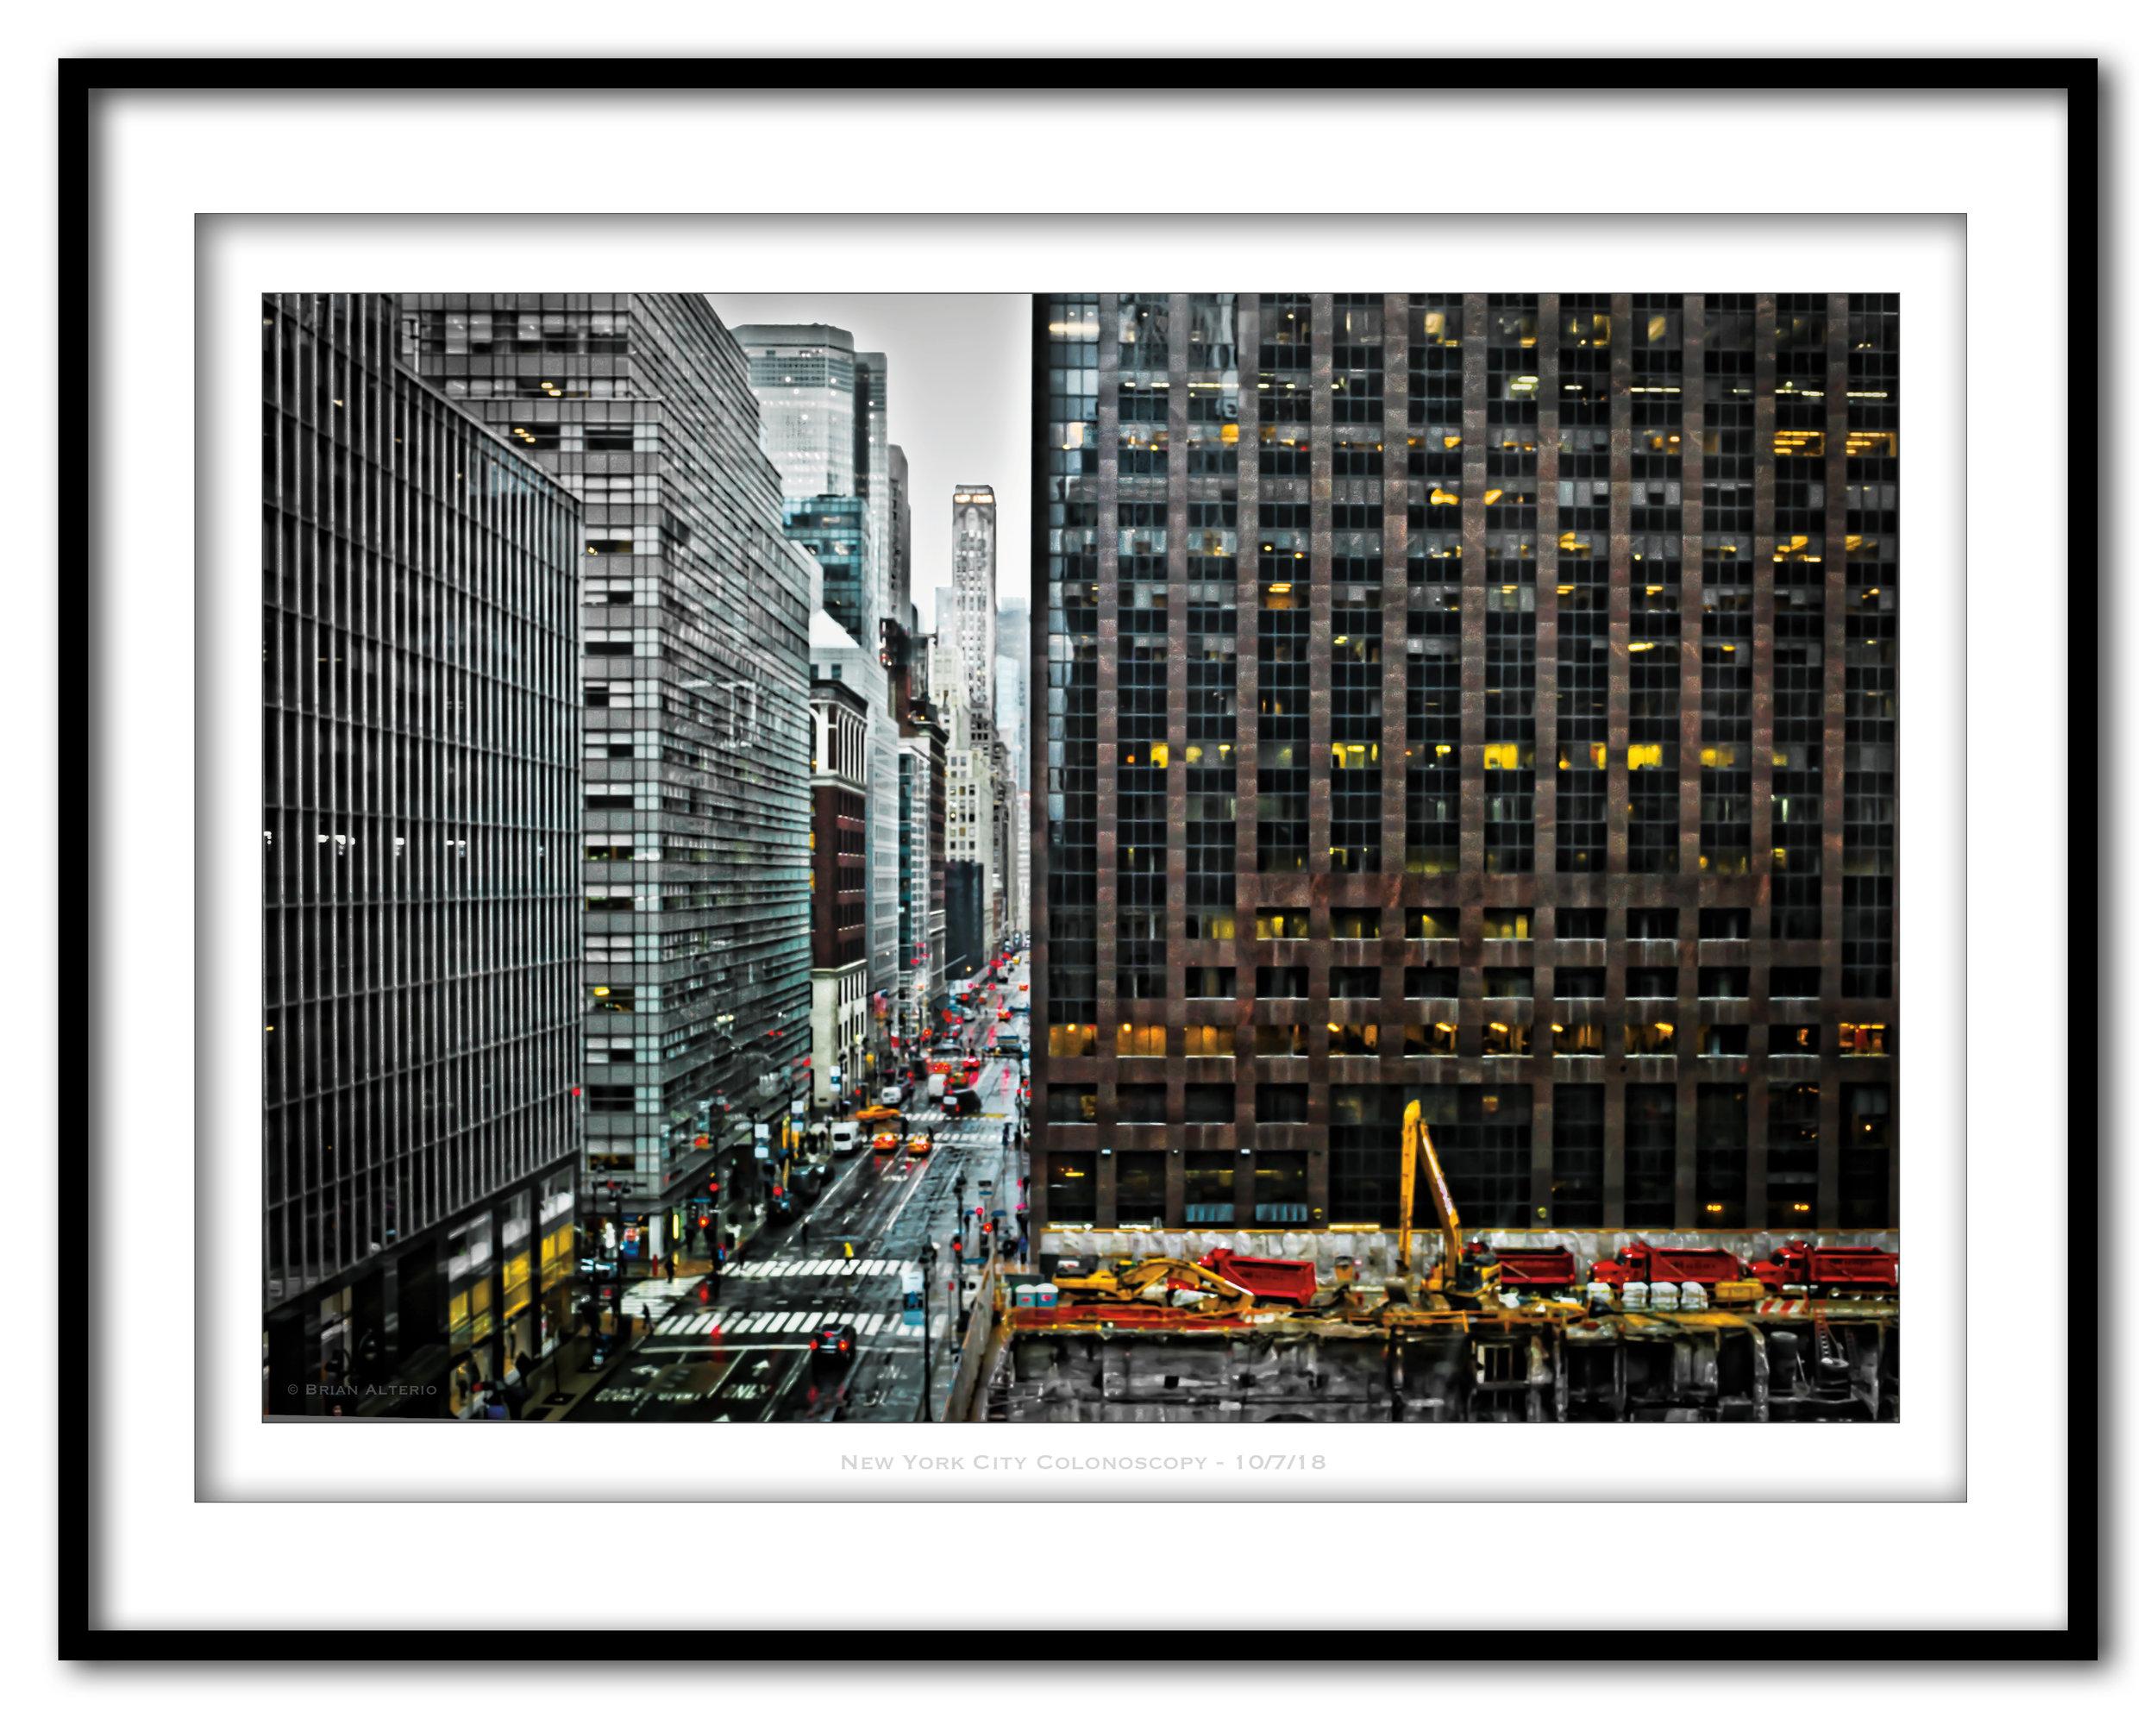 New York City Colonoscopy - 10-7-18 -Framed.jpg